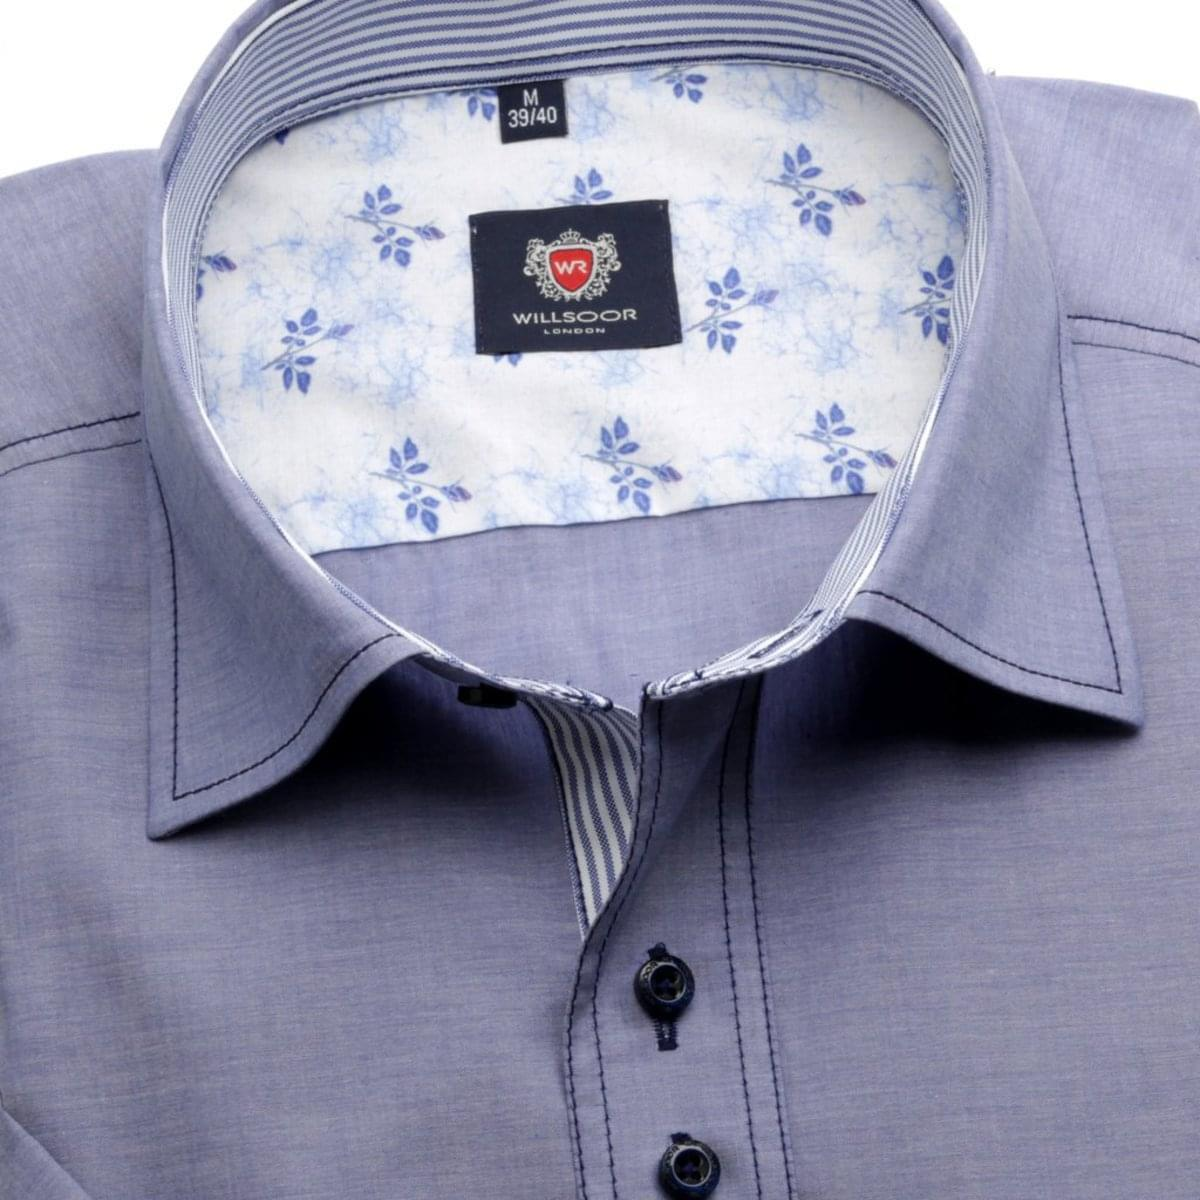 Pánska košele WR London s krátkym rukávom v modré farbe (výška 176-182) 5129 176-182 / L (41/42)